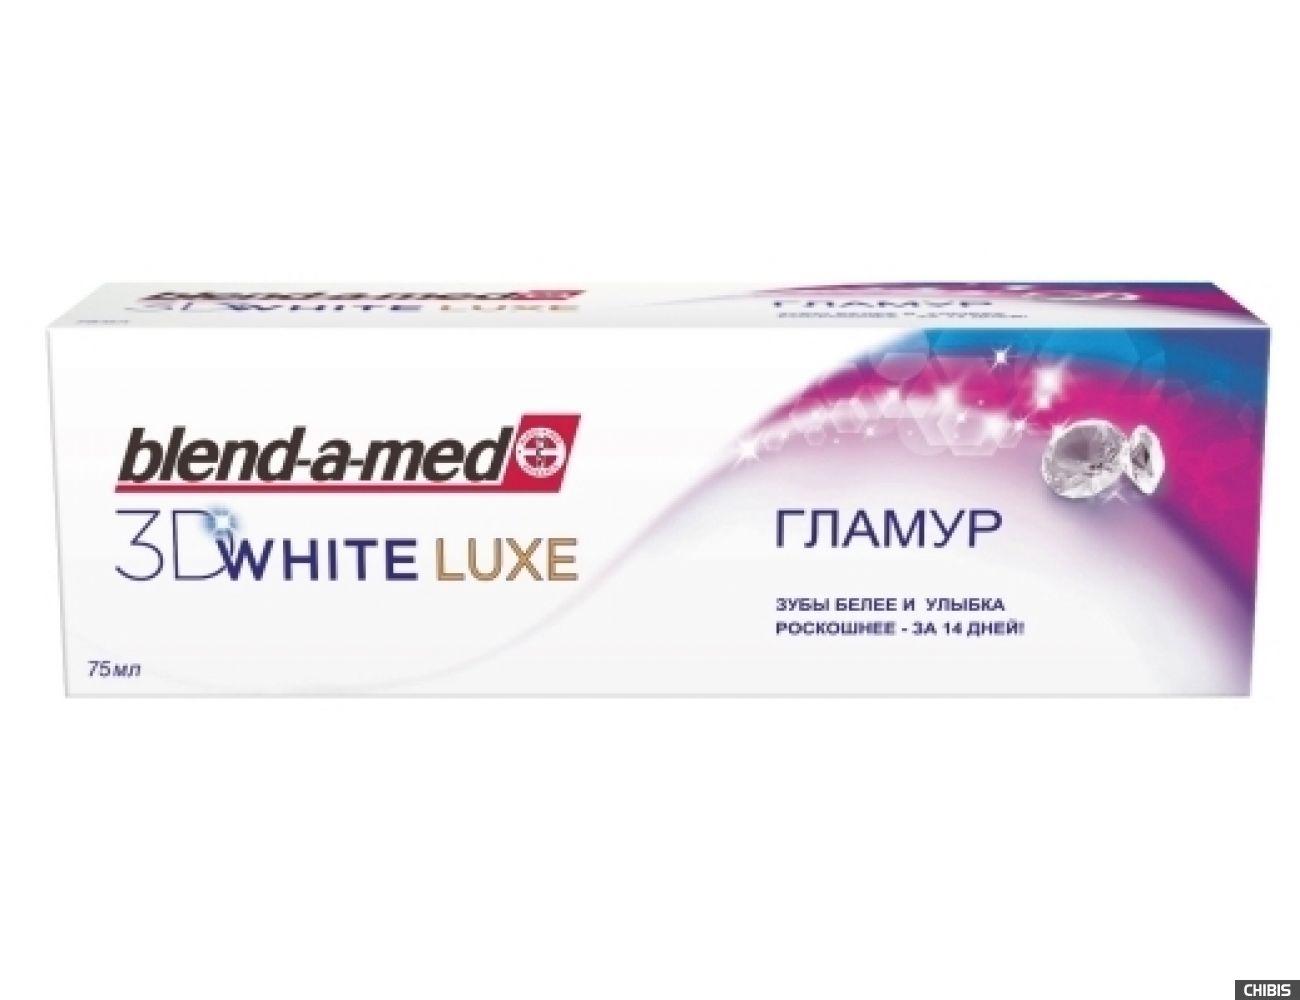 Зубная паста Blend-a-med 3D White LUXE Гламур 75 мл.(5011321523487)